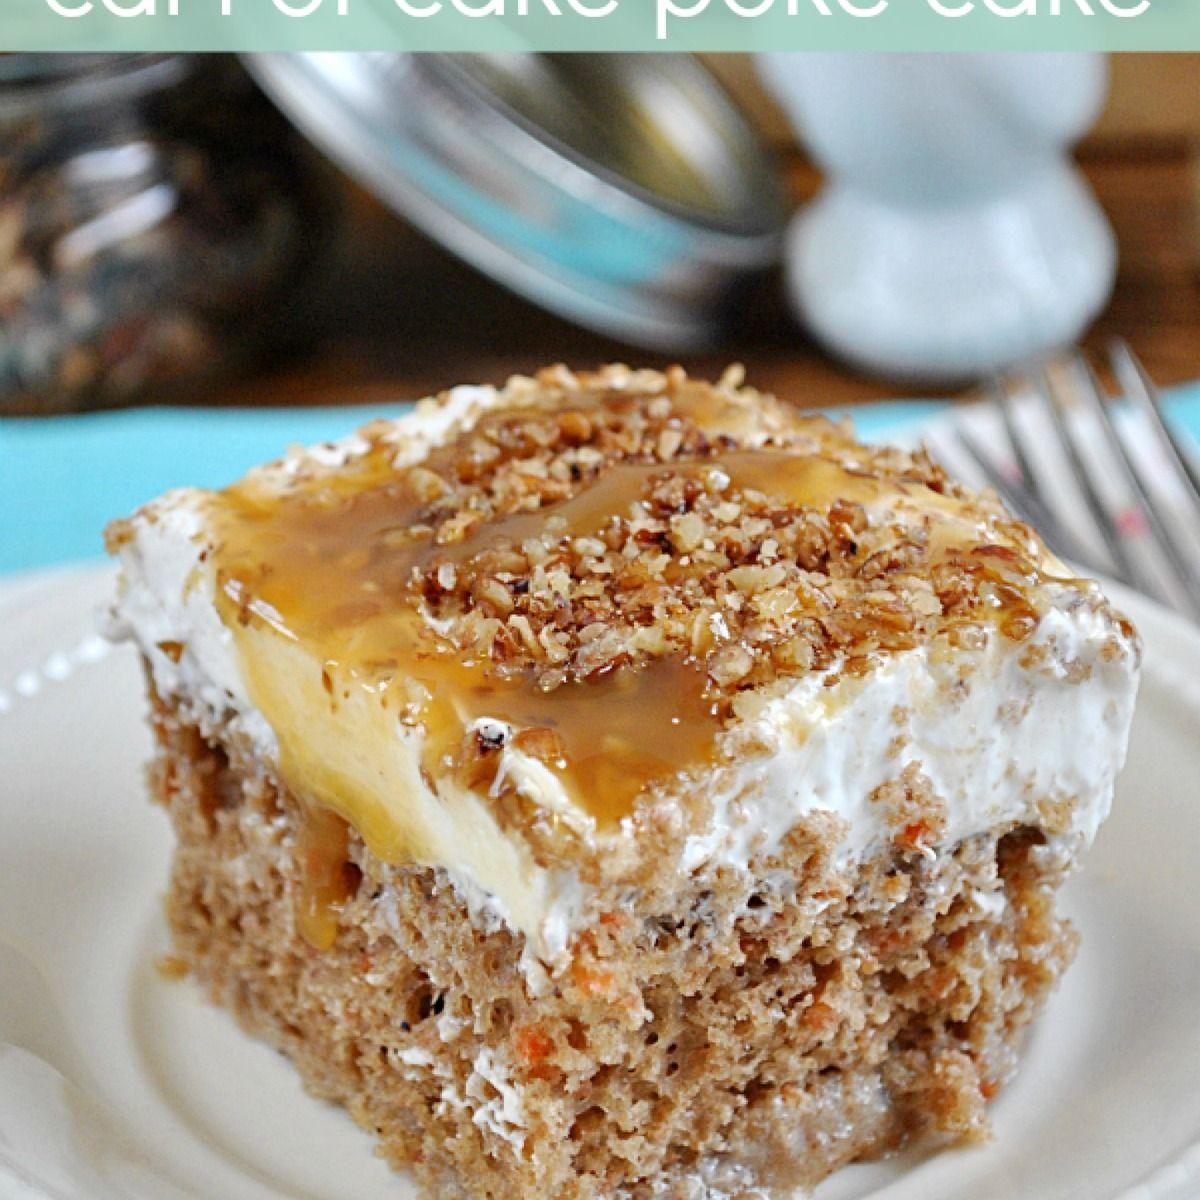 Better than easter carrot cake poke cake recipe